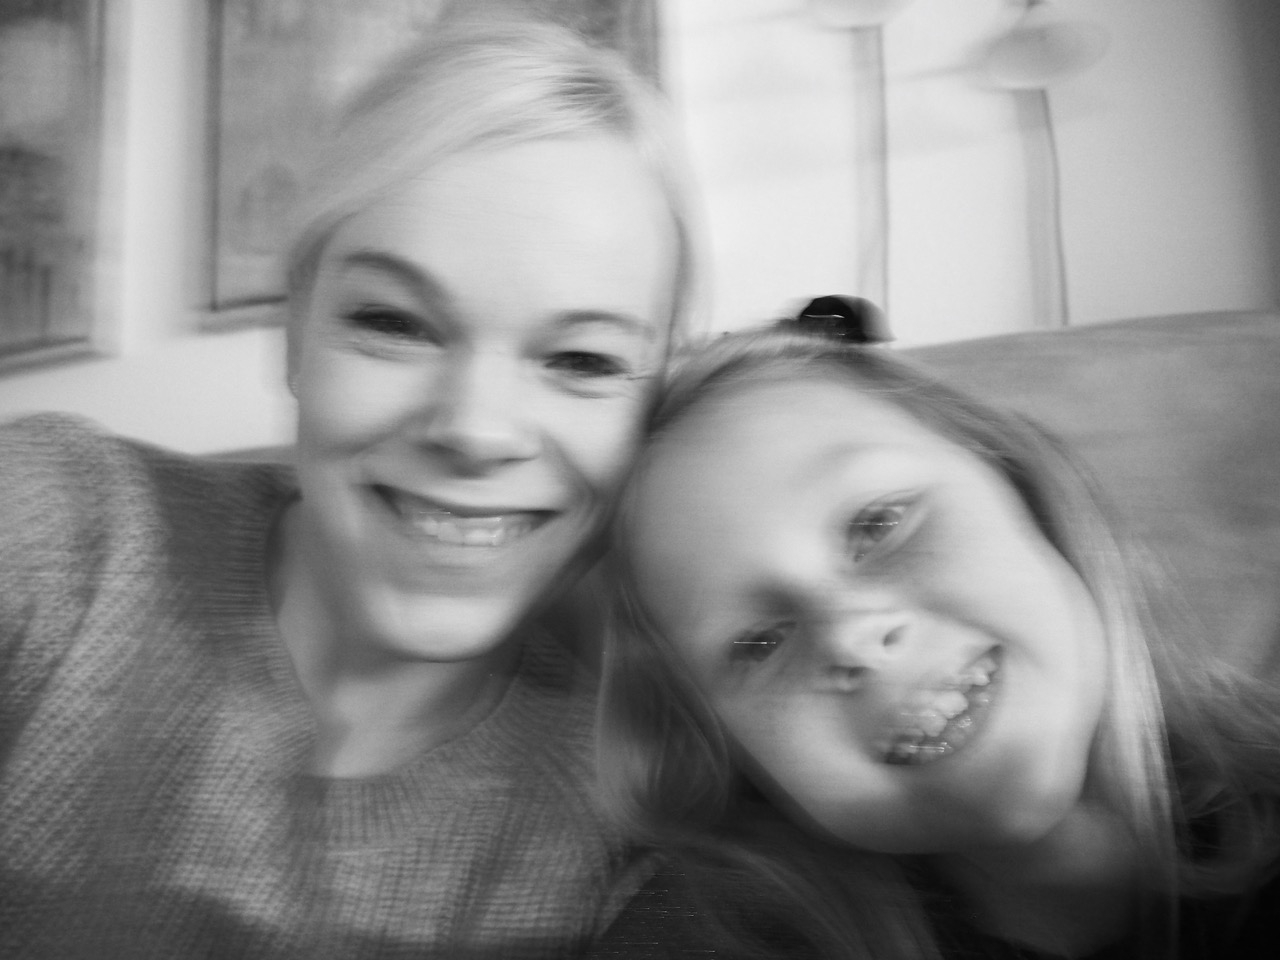 Jule_selfie_niece